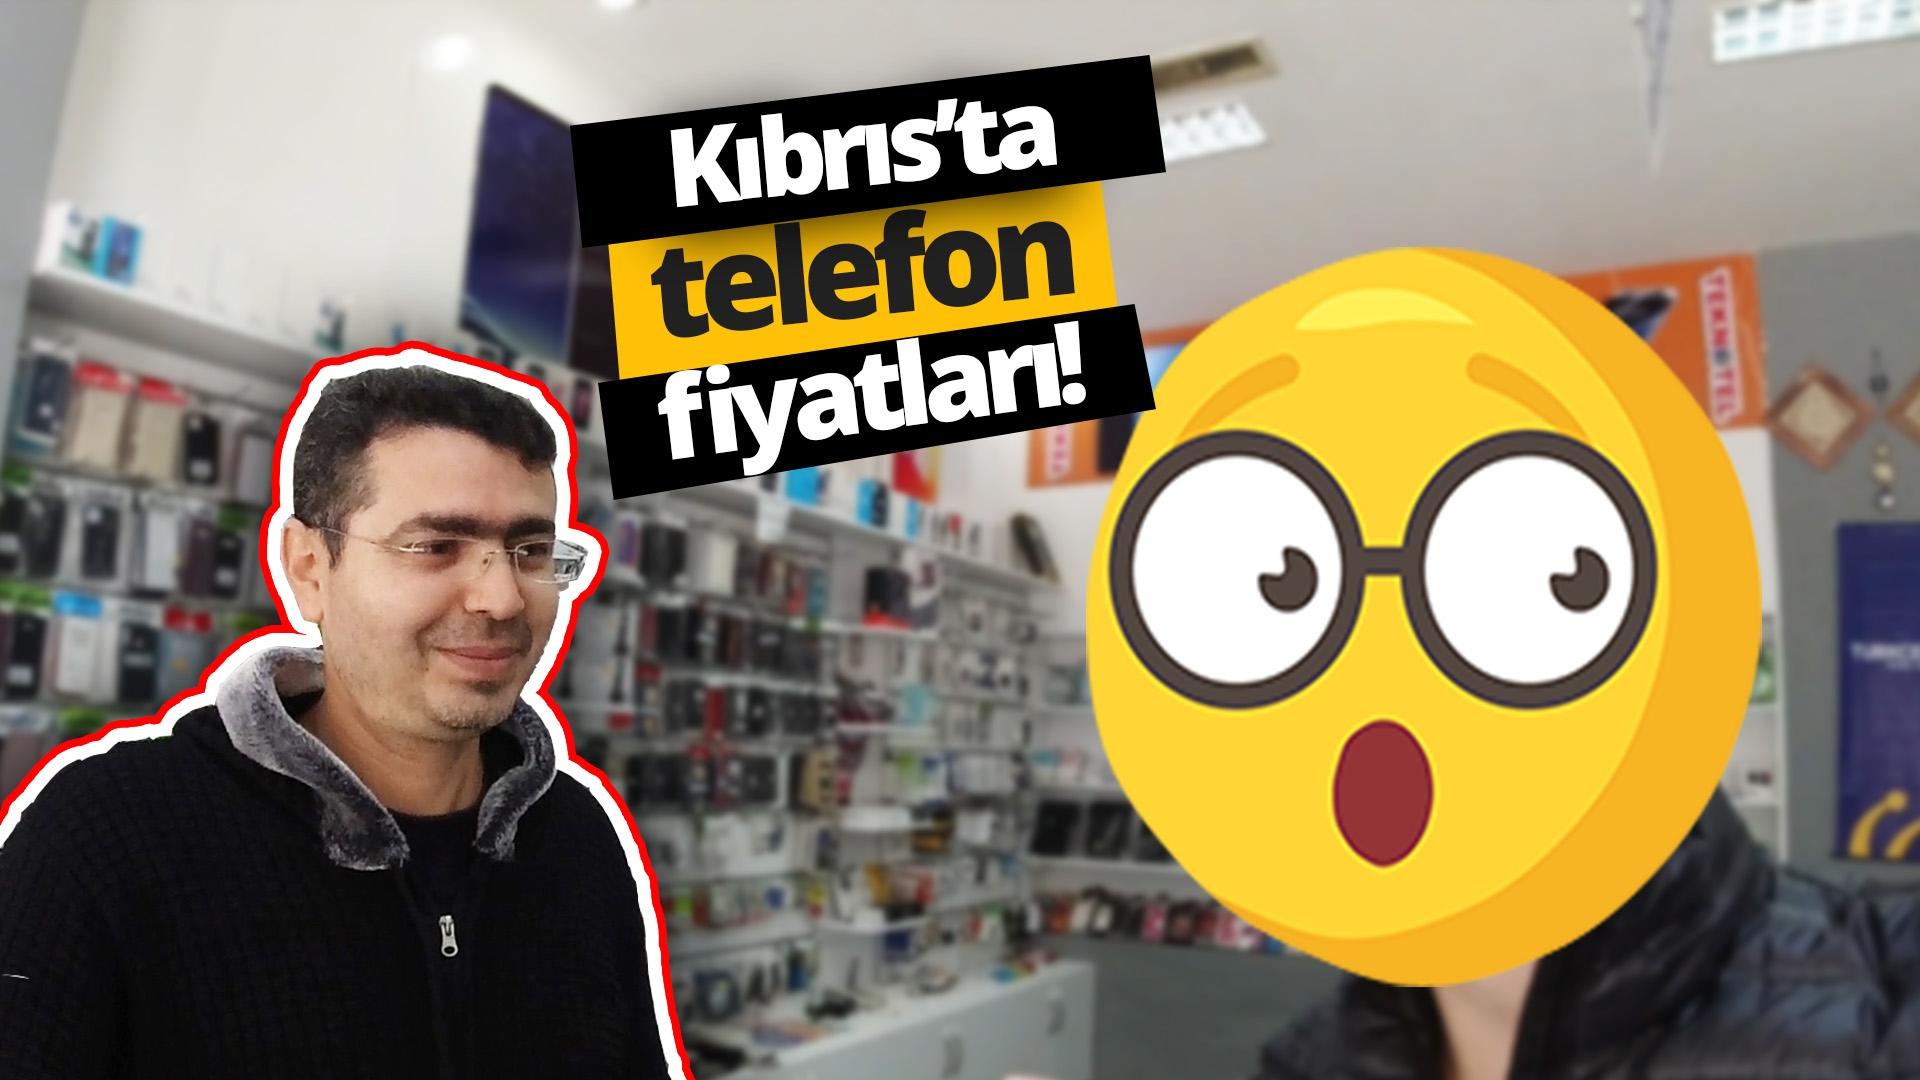 Kıbrıs'ta telefon fiyatları ne kadar?